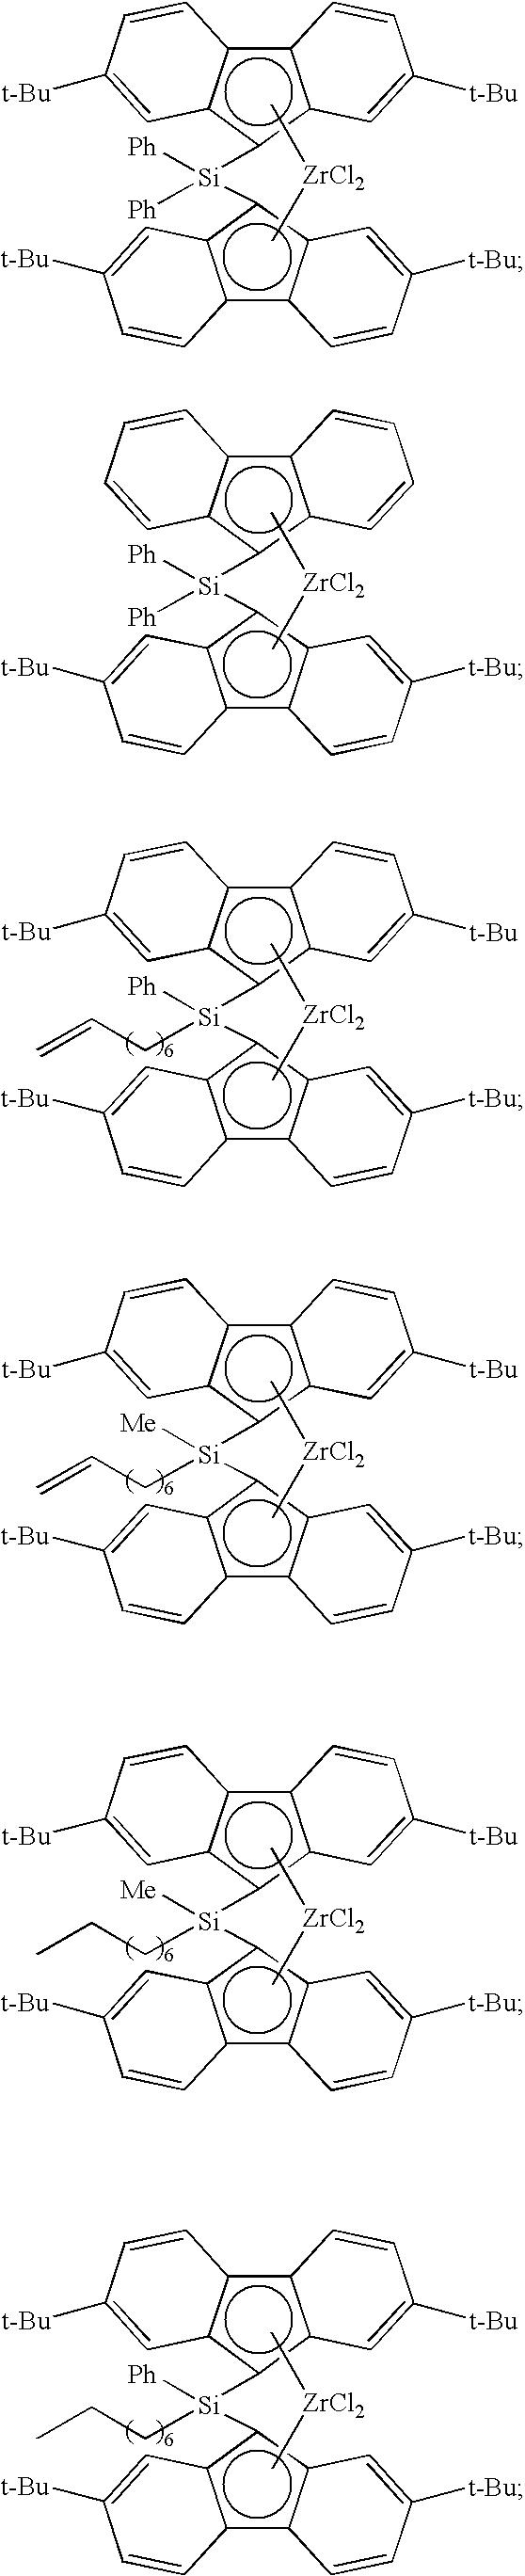 Figure US08329834-20121211-C00028